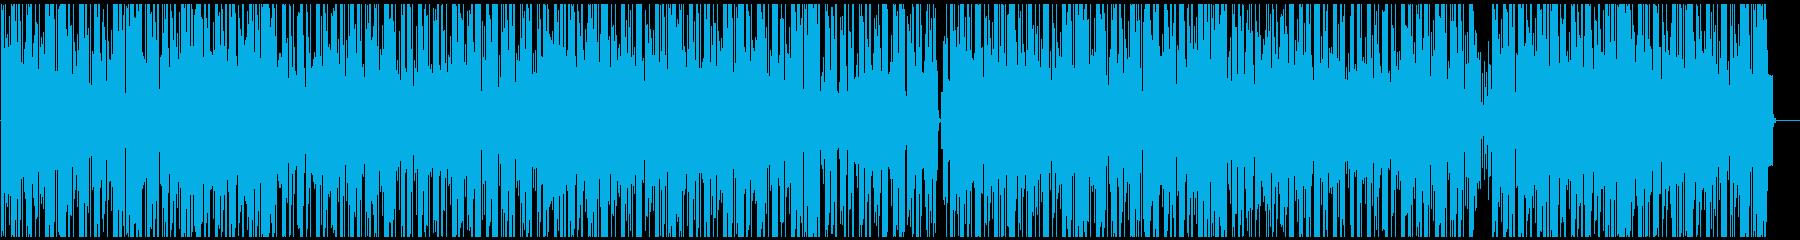 ピアノのメロディーを備えた、軽くて...の再生済みの波形